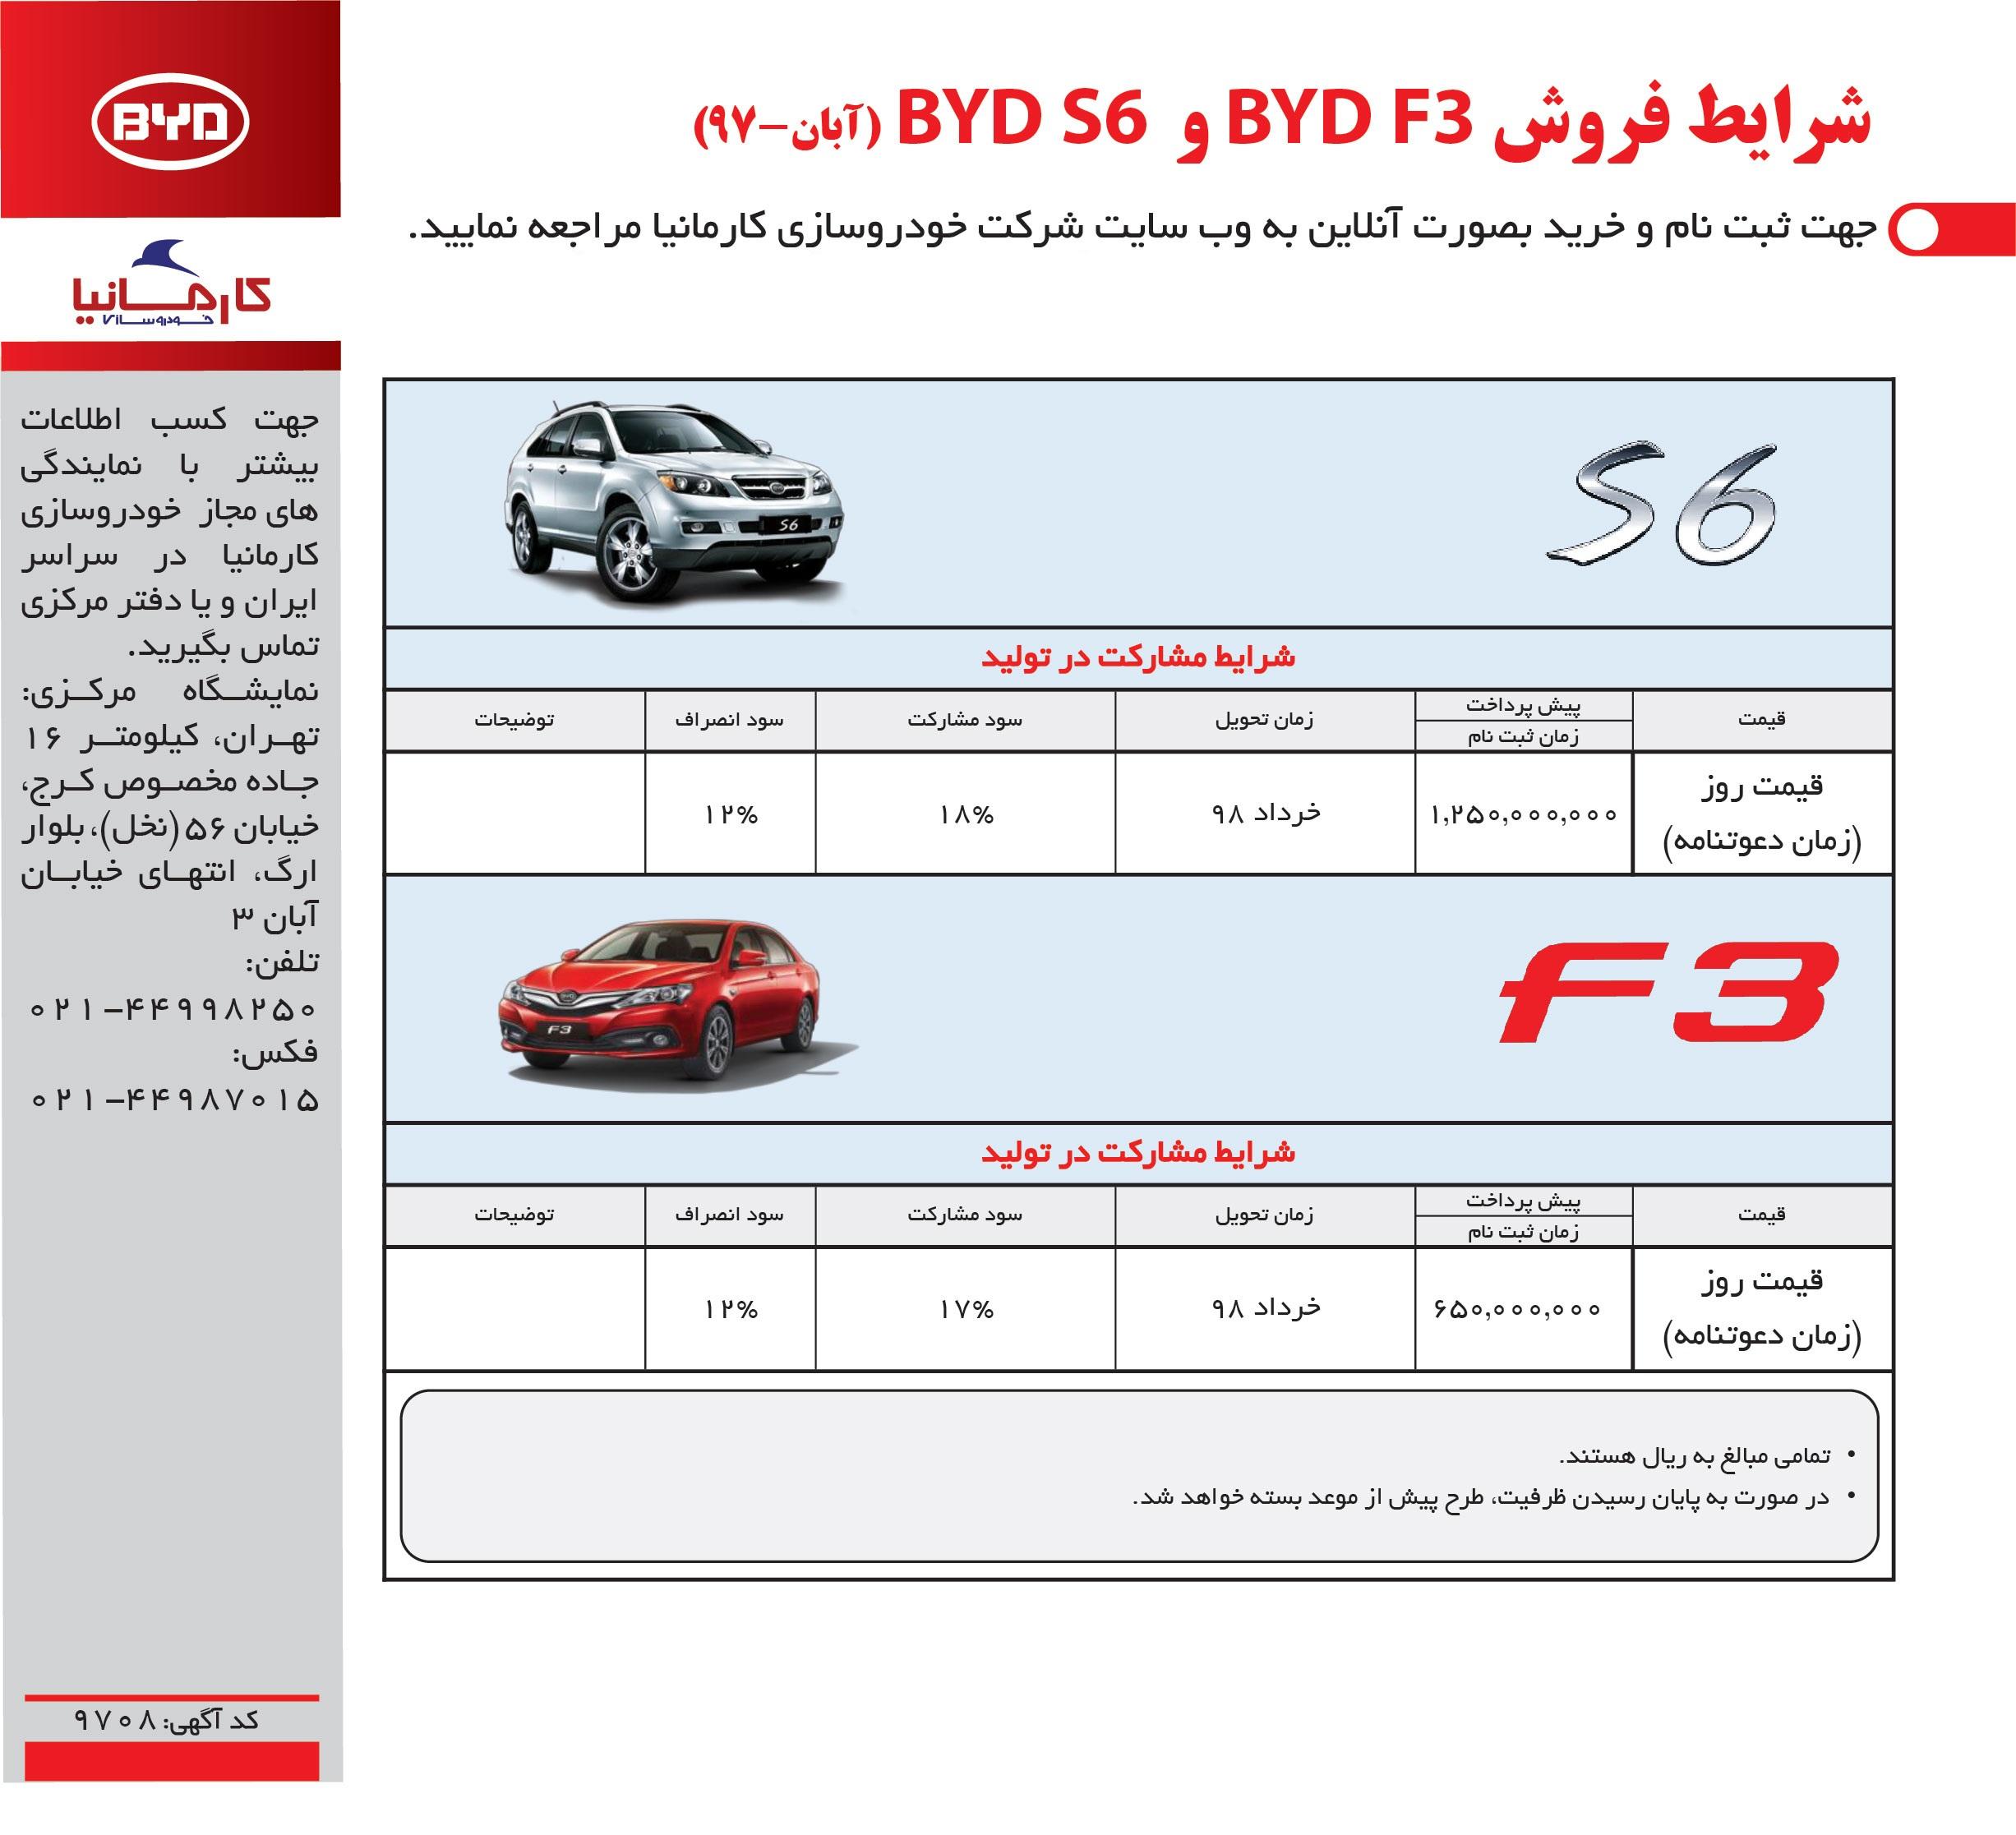 فروش BYD S6